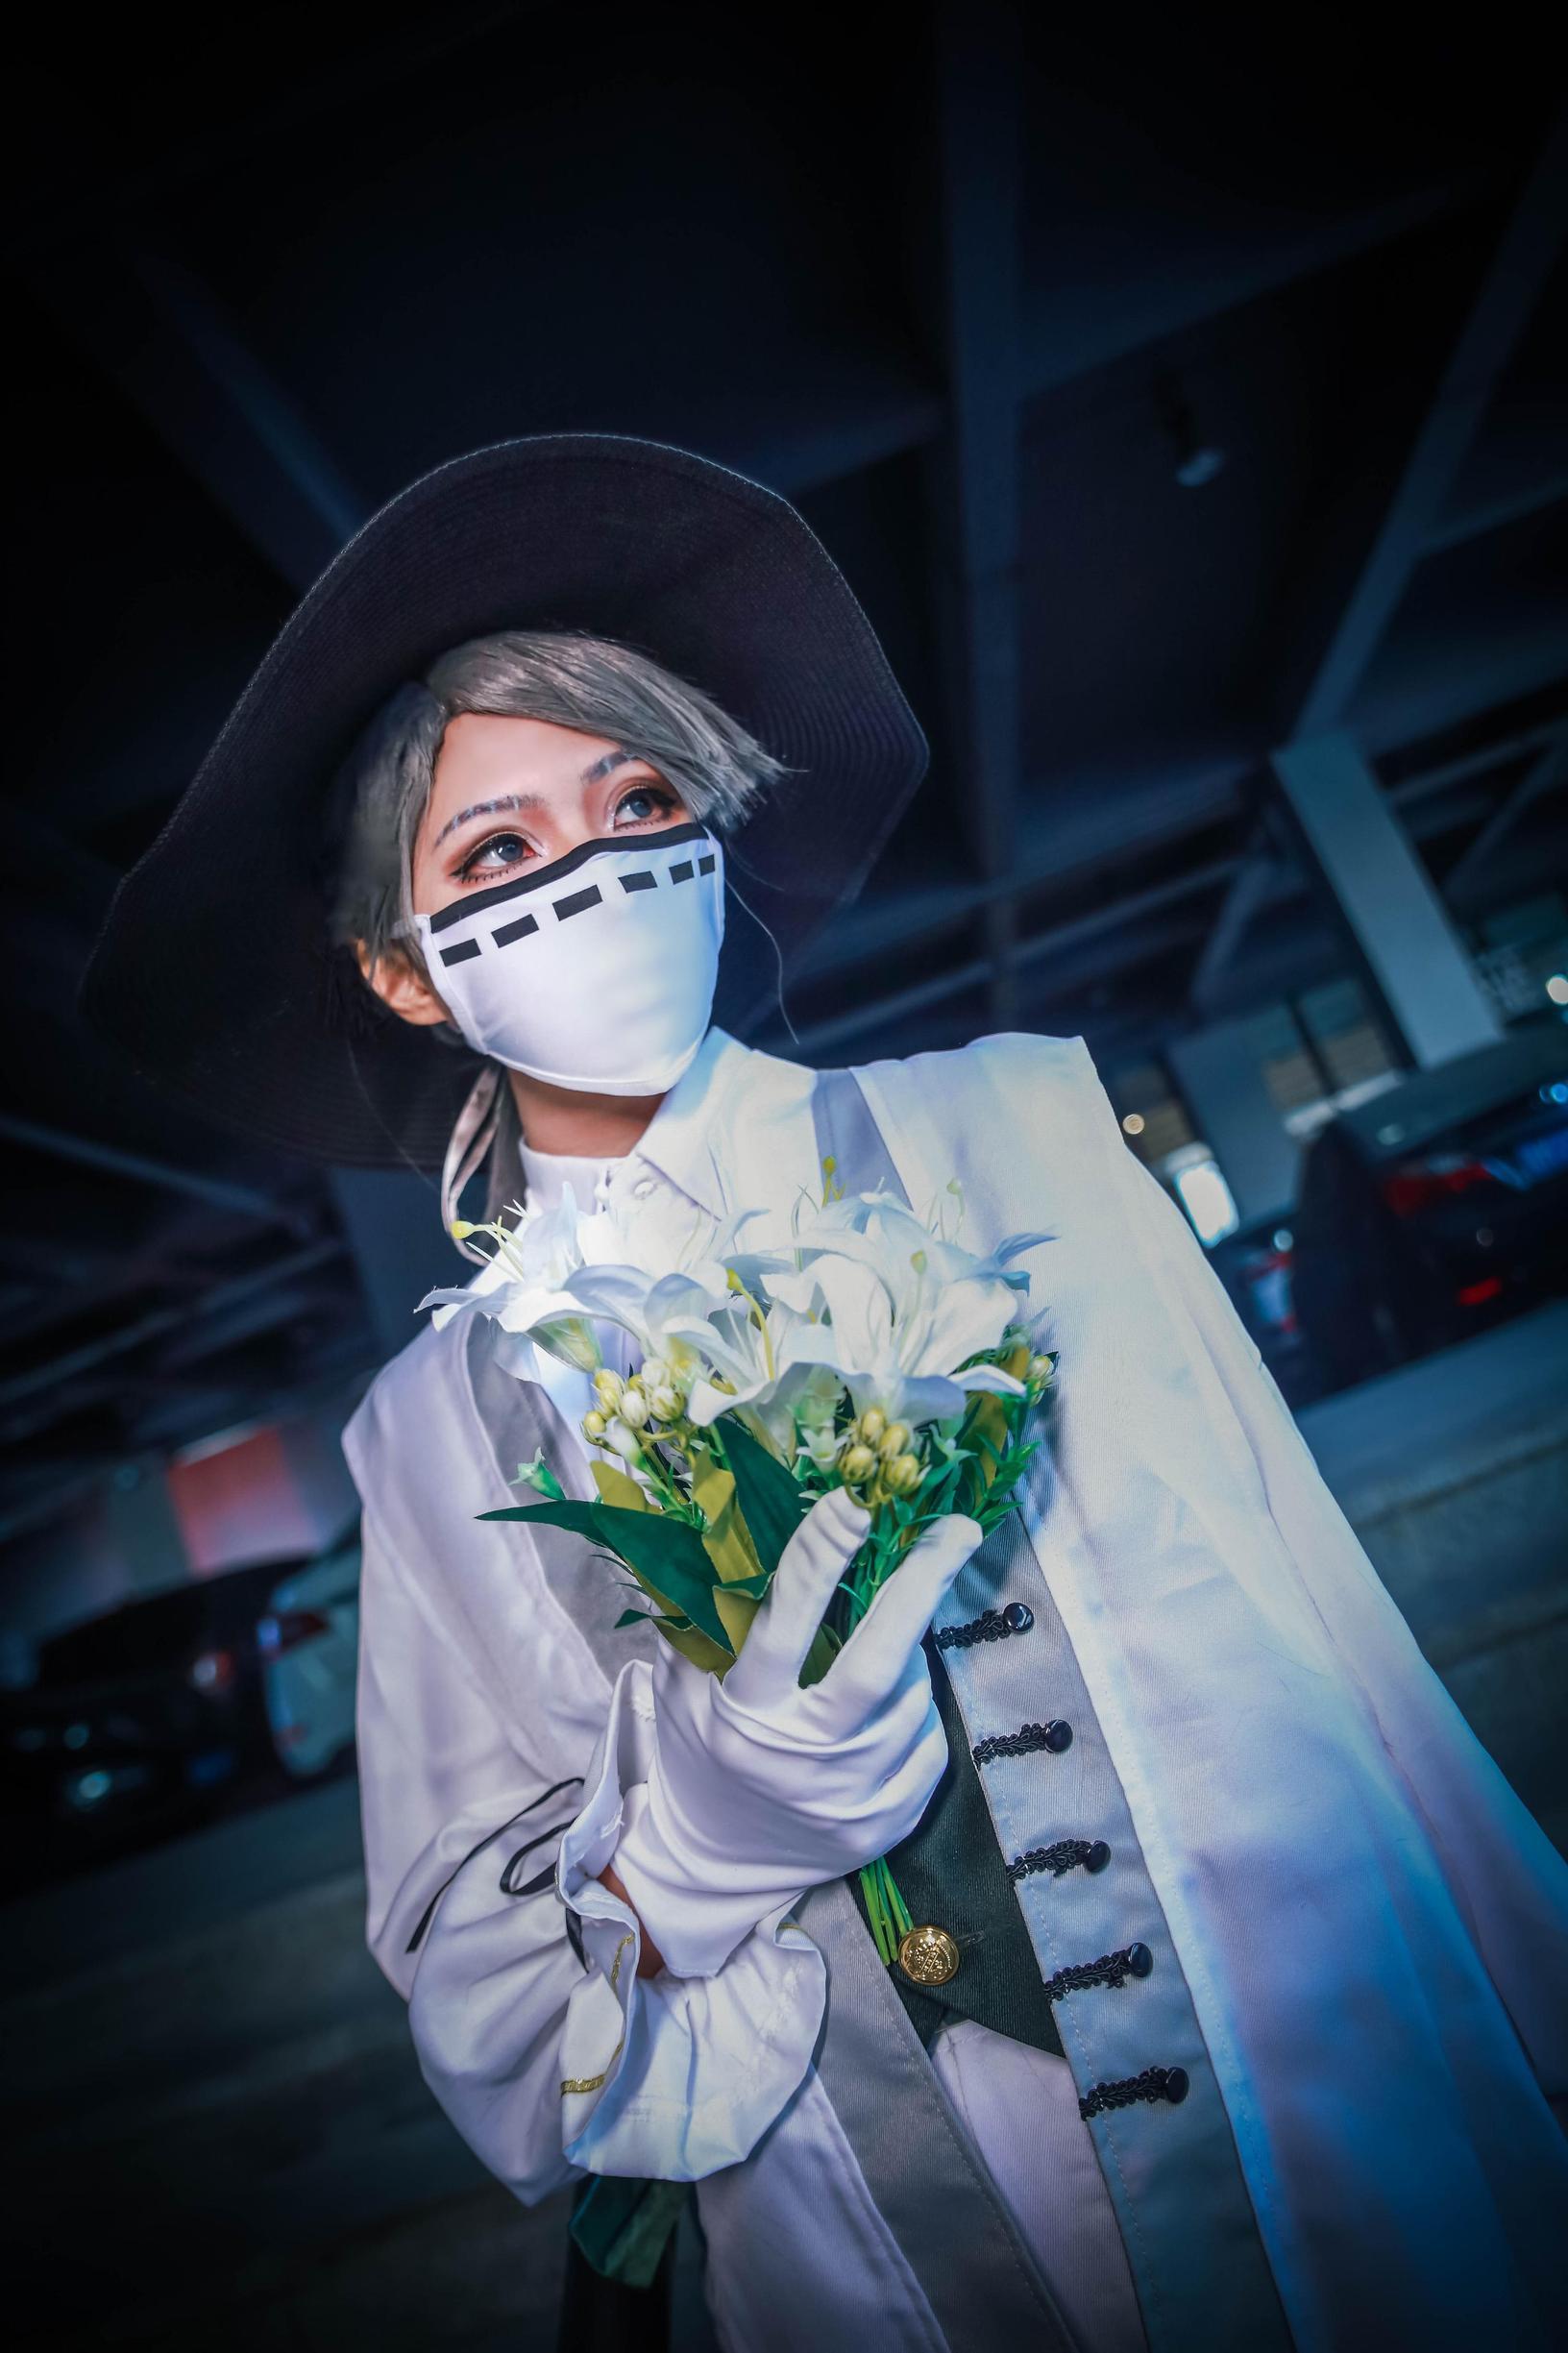 《第五人格》返图cosplay【CN:夜雨祈灵fsy】-第4张